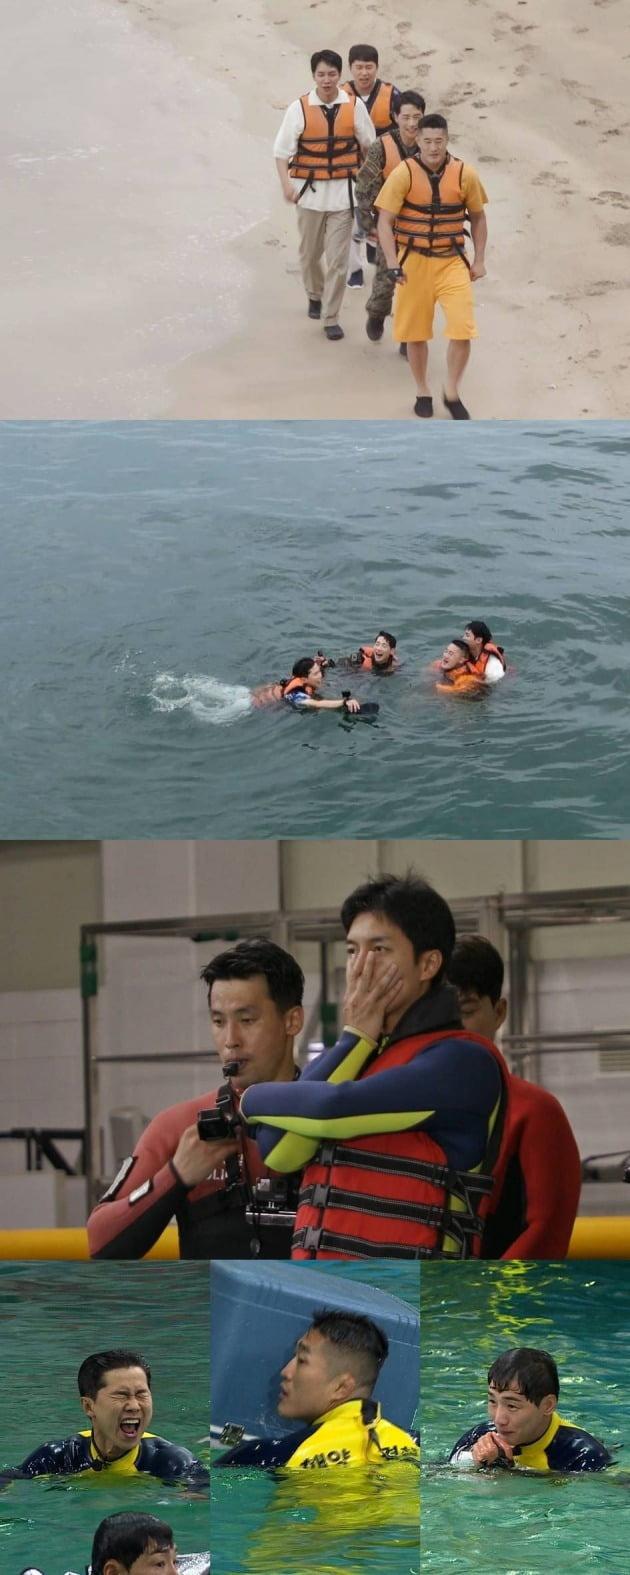 '집사부일체'가 해양 사고 예방을 위한 생존법을 알려준다. / 사진제공=SBS